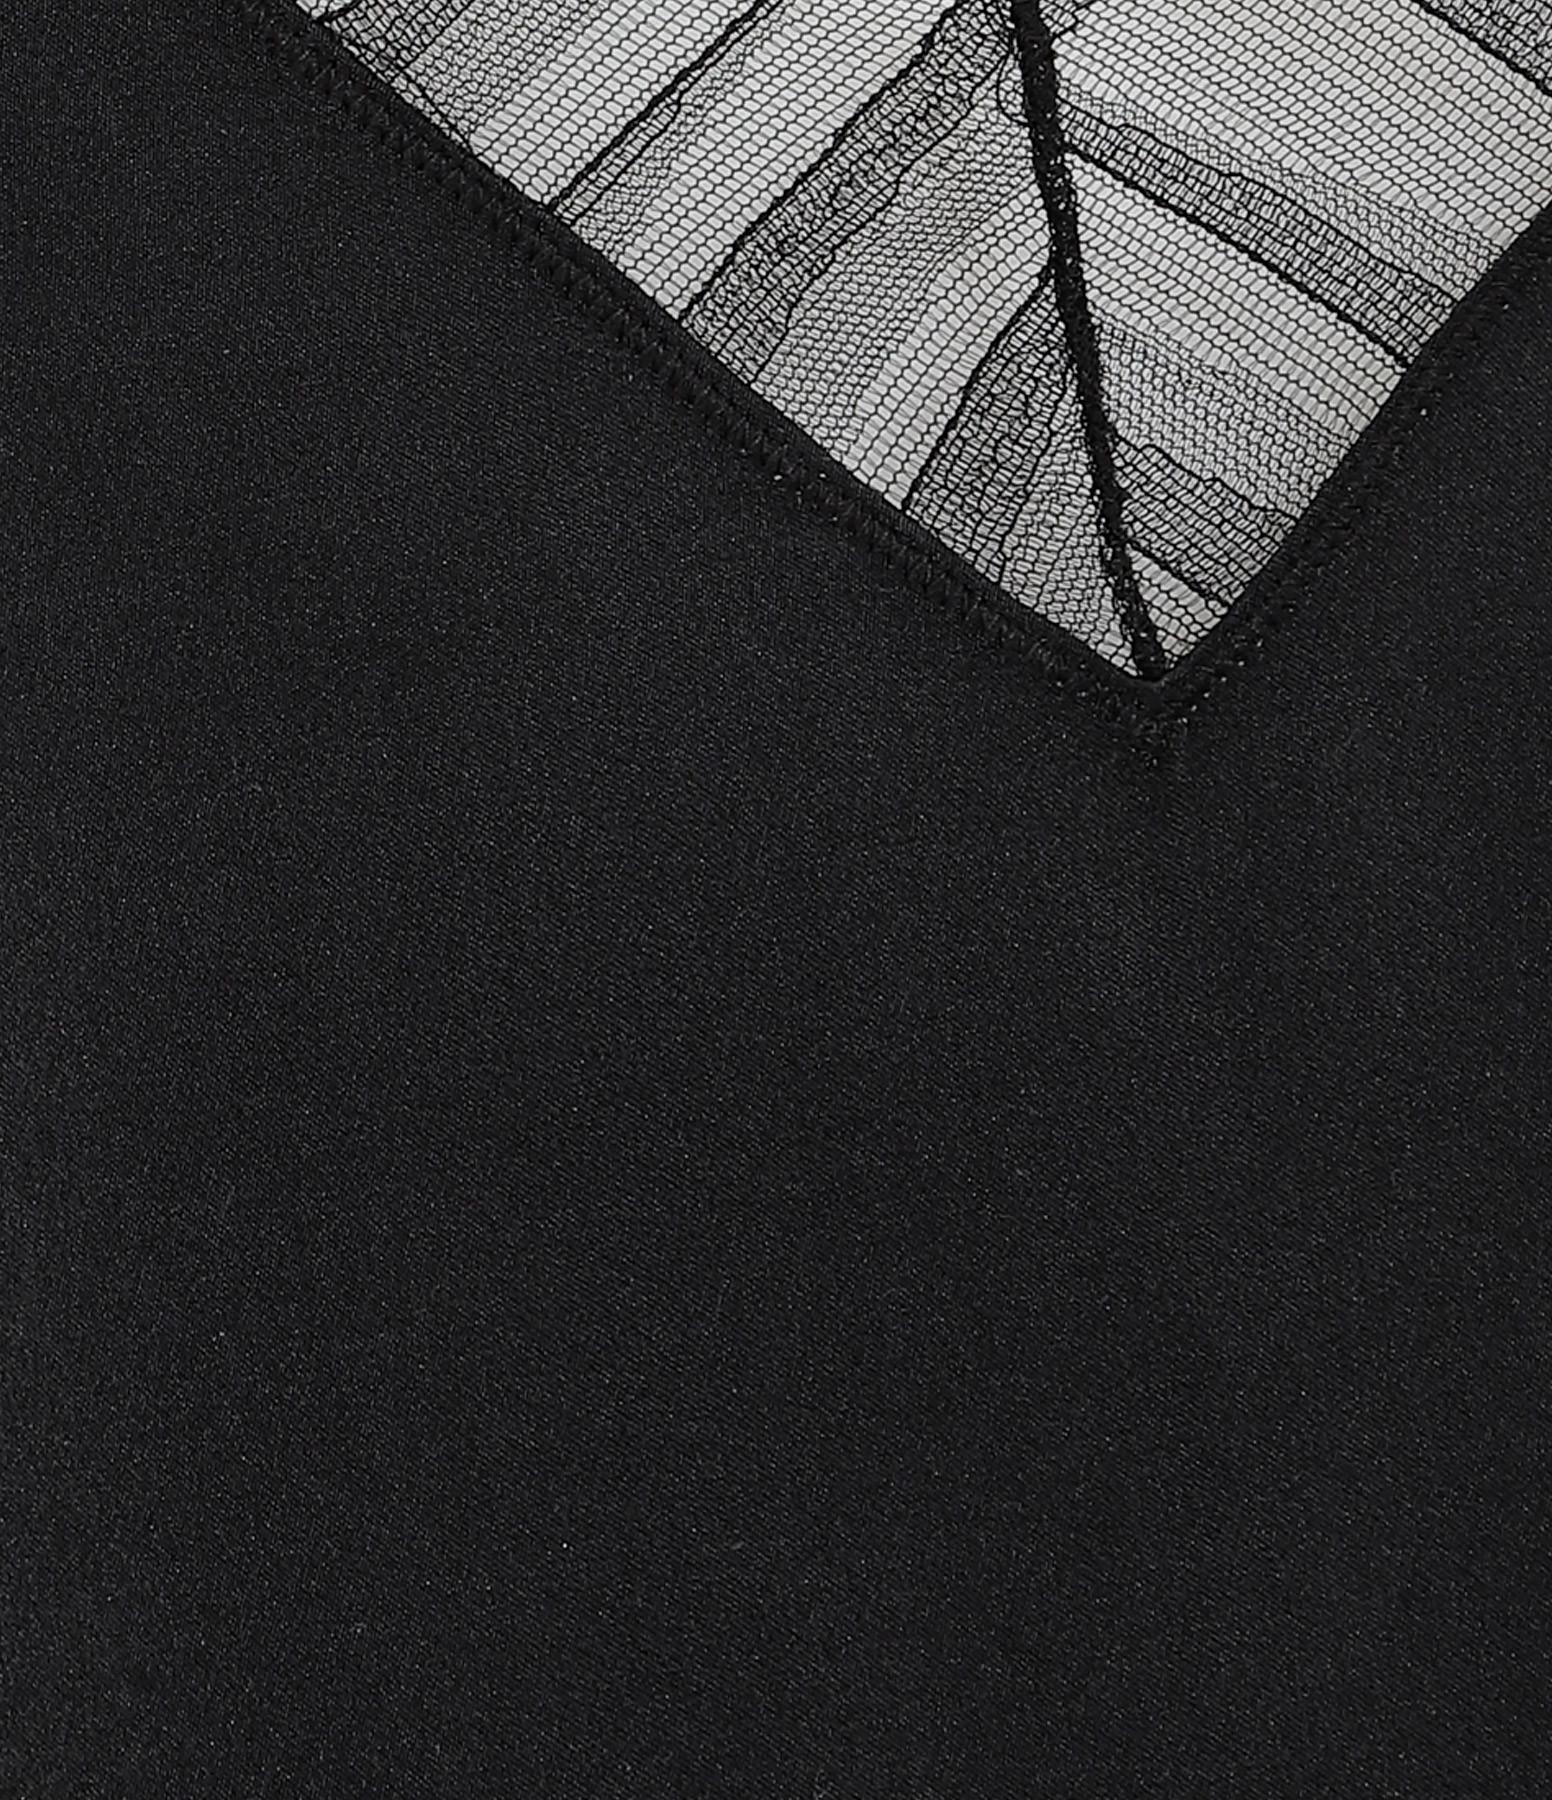 IRO - Top Berwyn Soie Noir